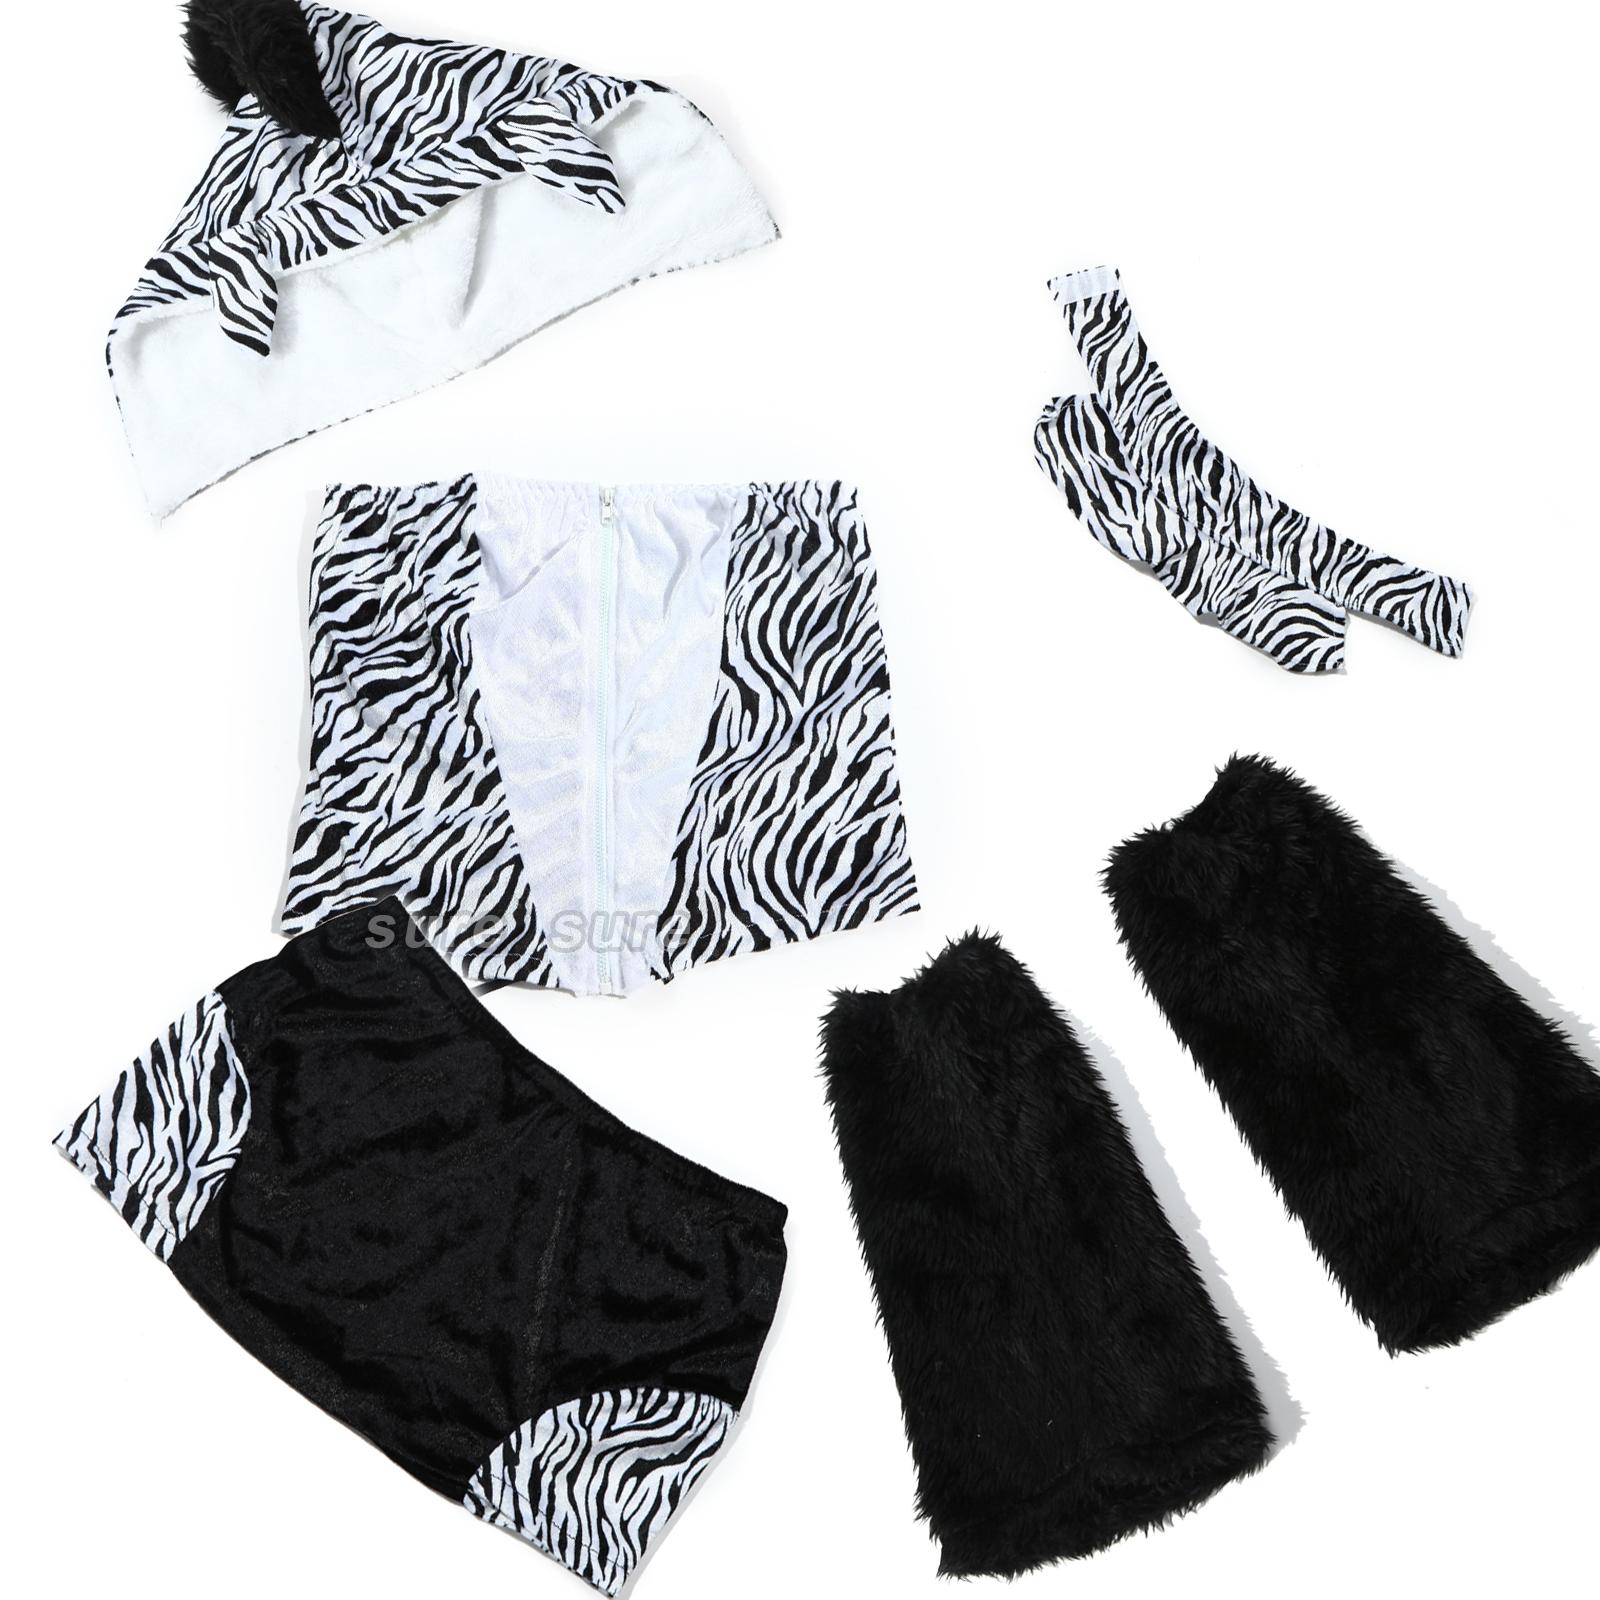 Como hacer disfraz de cebra sharemedoc for Disfraz de cebra